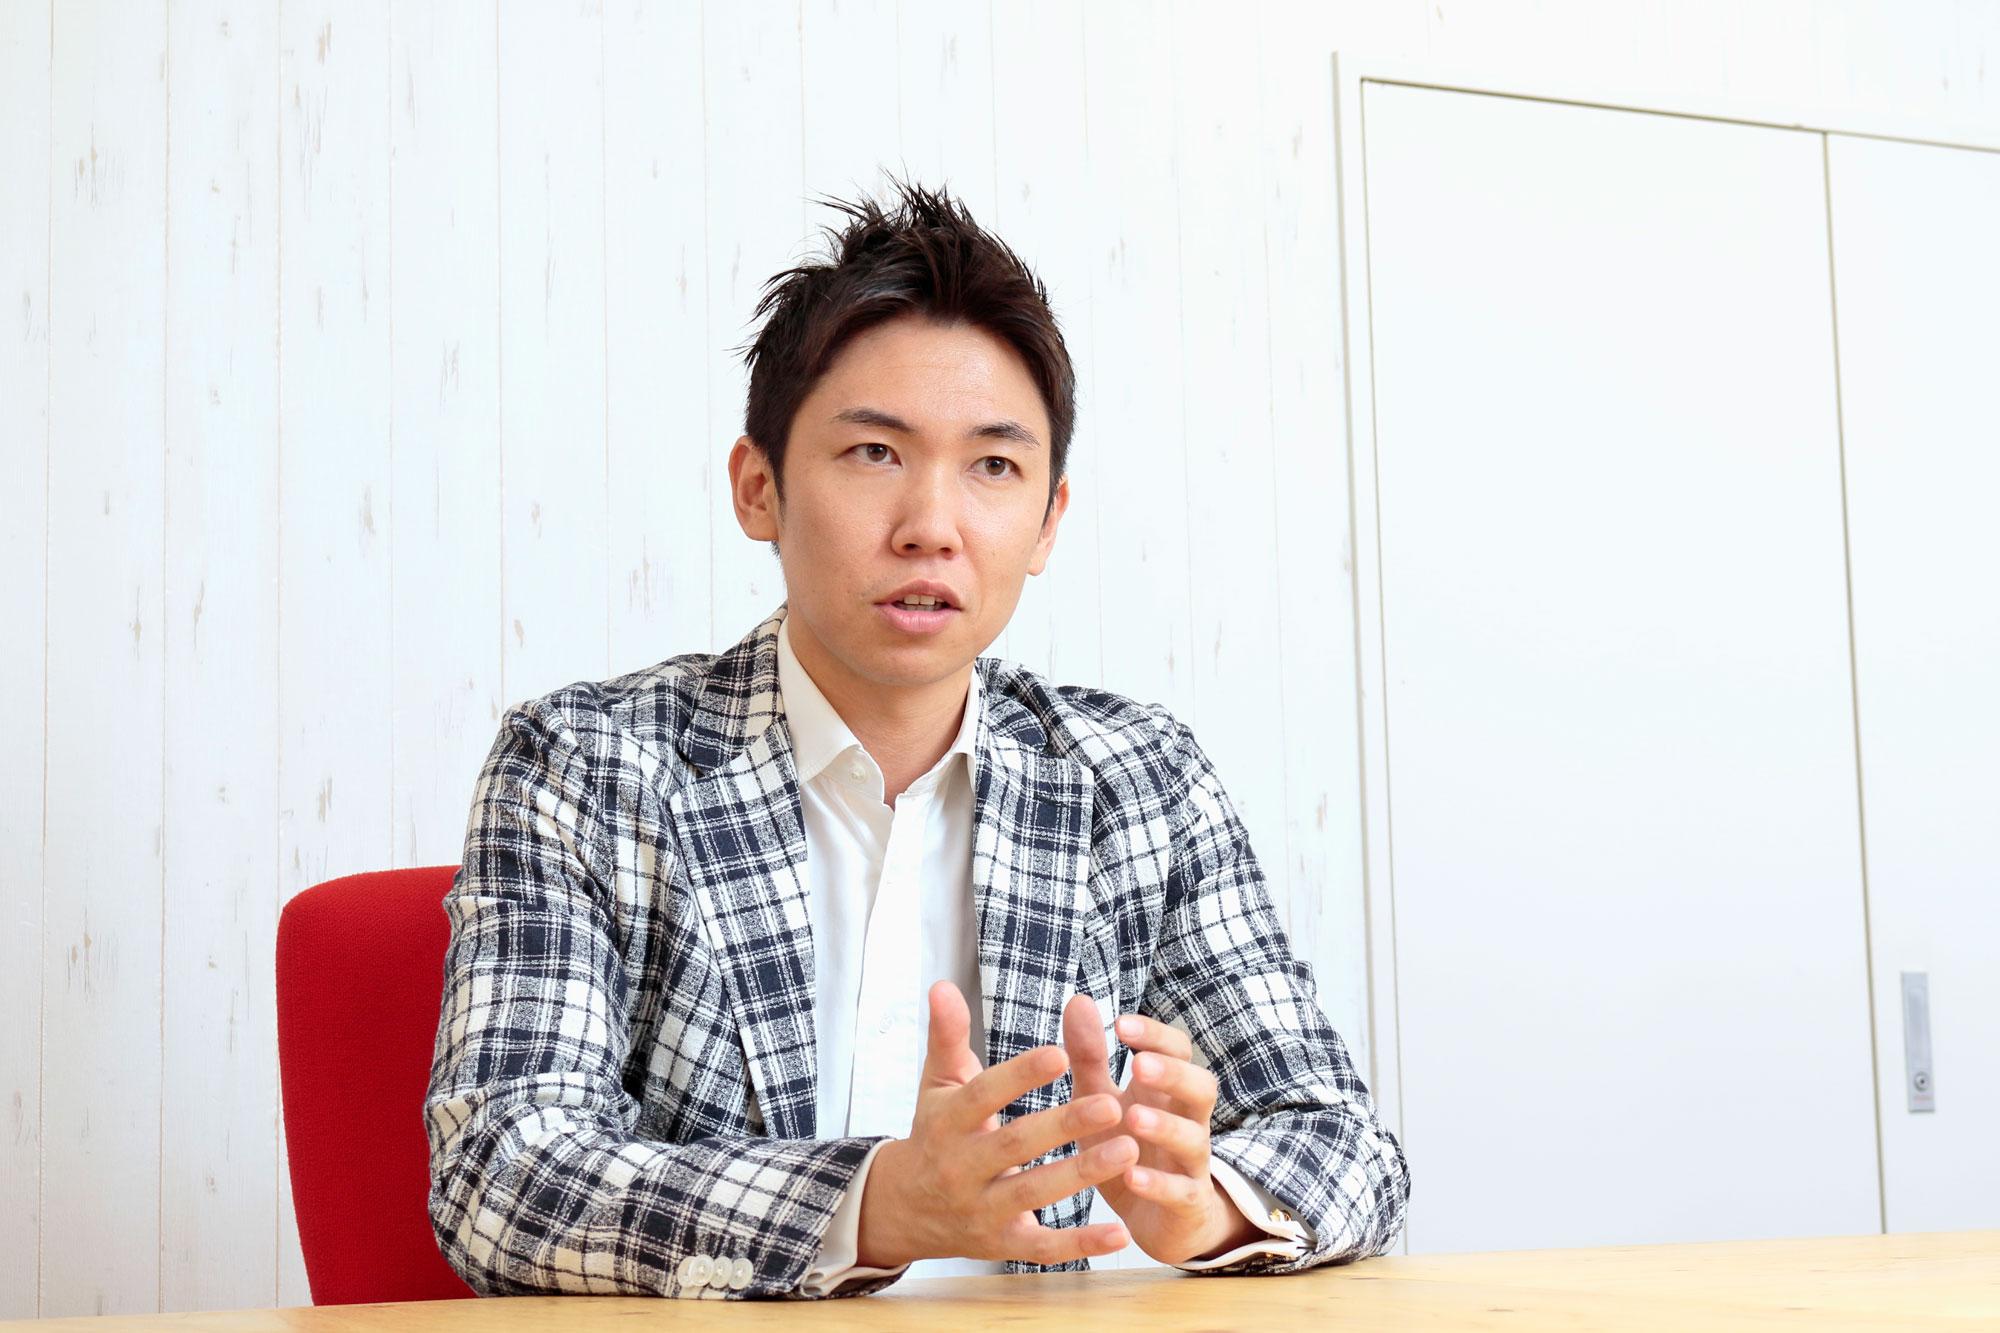 小嶋祐輔 インタビュー画像6